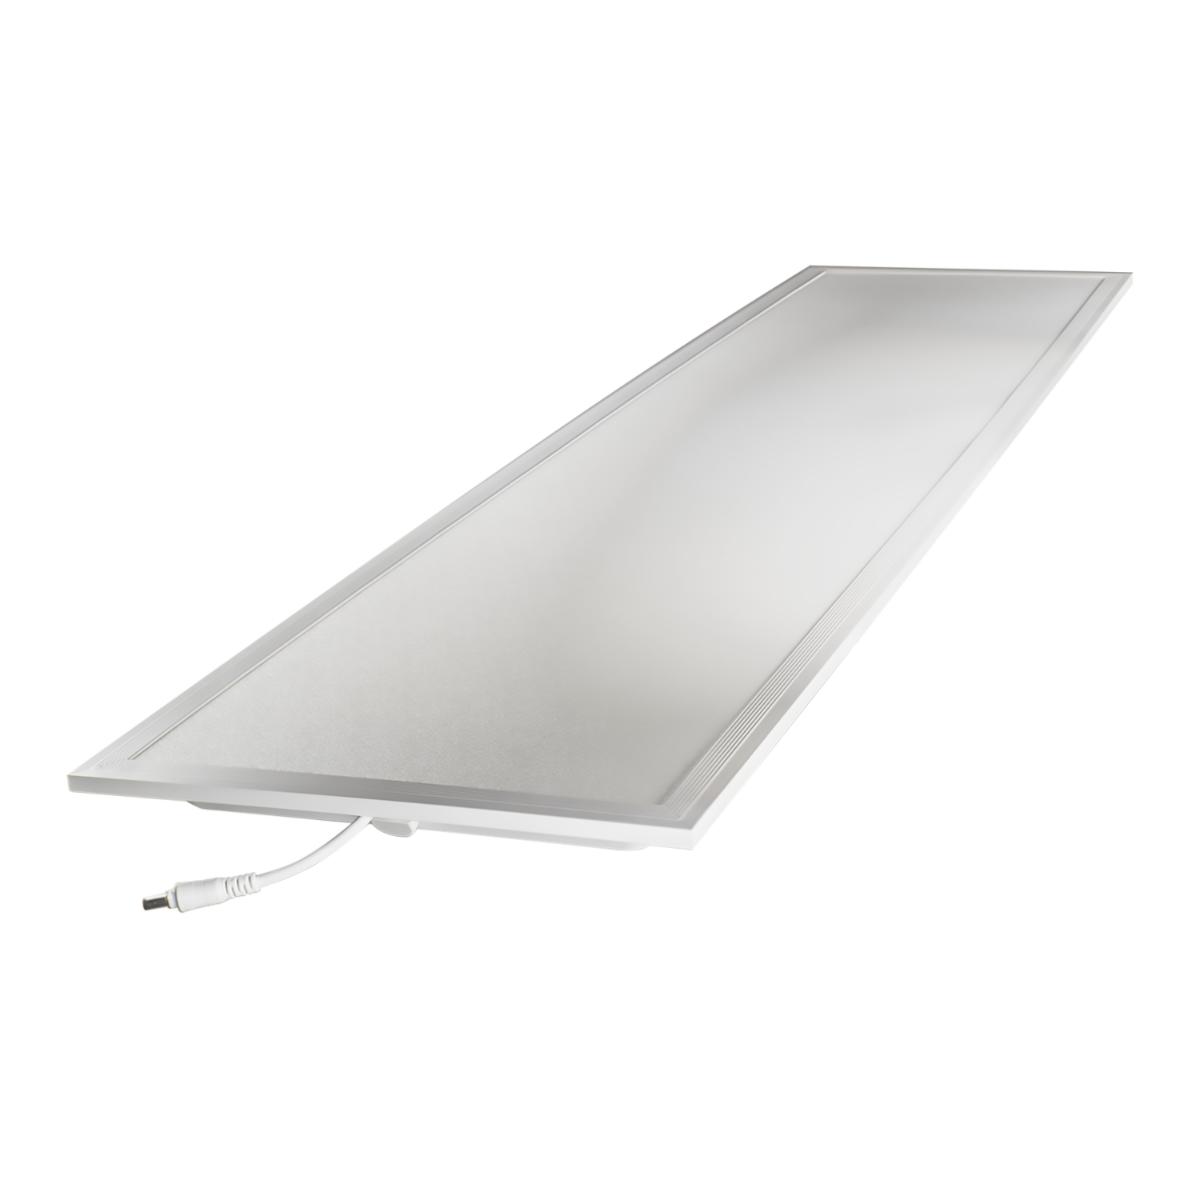 Noxion Panneau LED Delta Pro V2.0 Xitanium DALI 30W 30x120cm 3000K 3960lm UGR <19   Dali Dimmable - Blanc Chaud - Substitut 2x36W